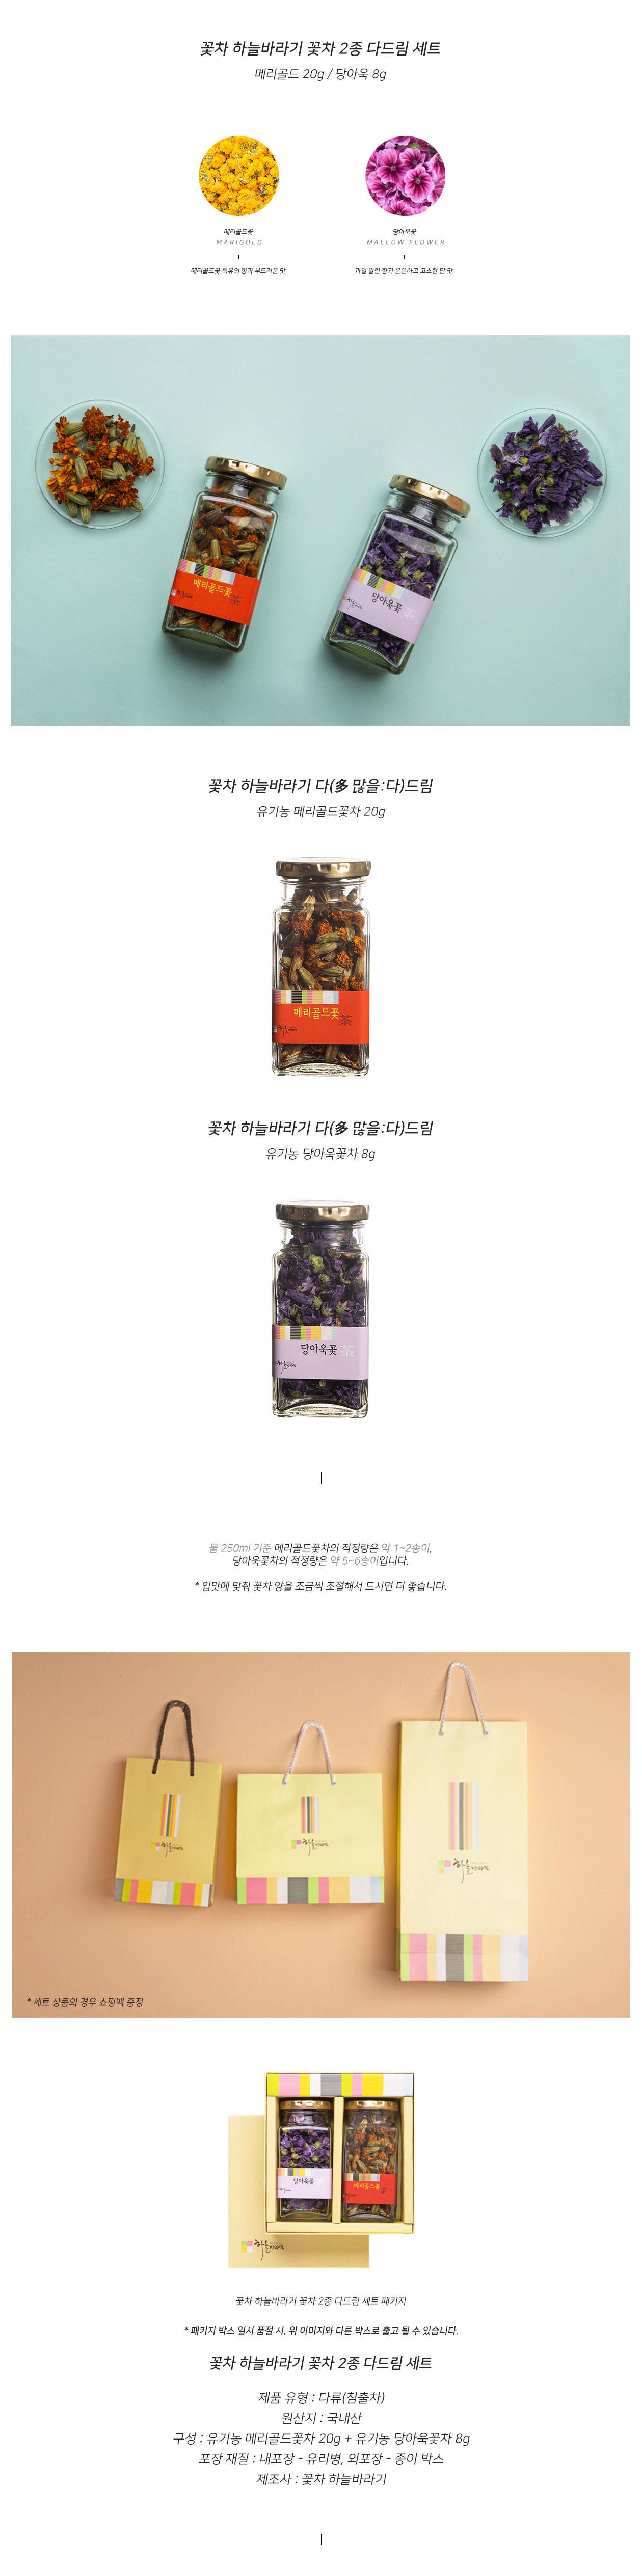 꽃차 2종 다드림세트(메리골드+당아욱) - 꽃차 하늘바라기, 62,000원, 차, 국화/민들레/꽃잎차